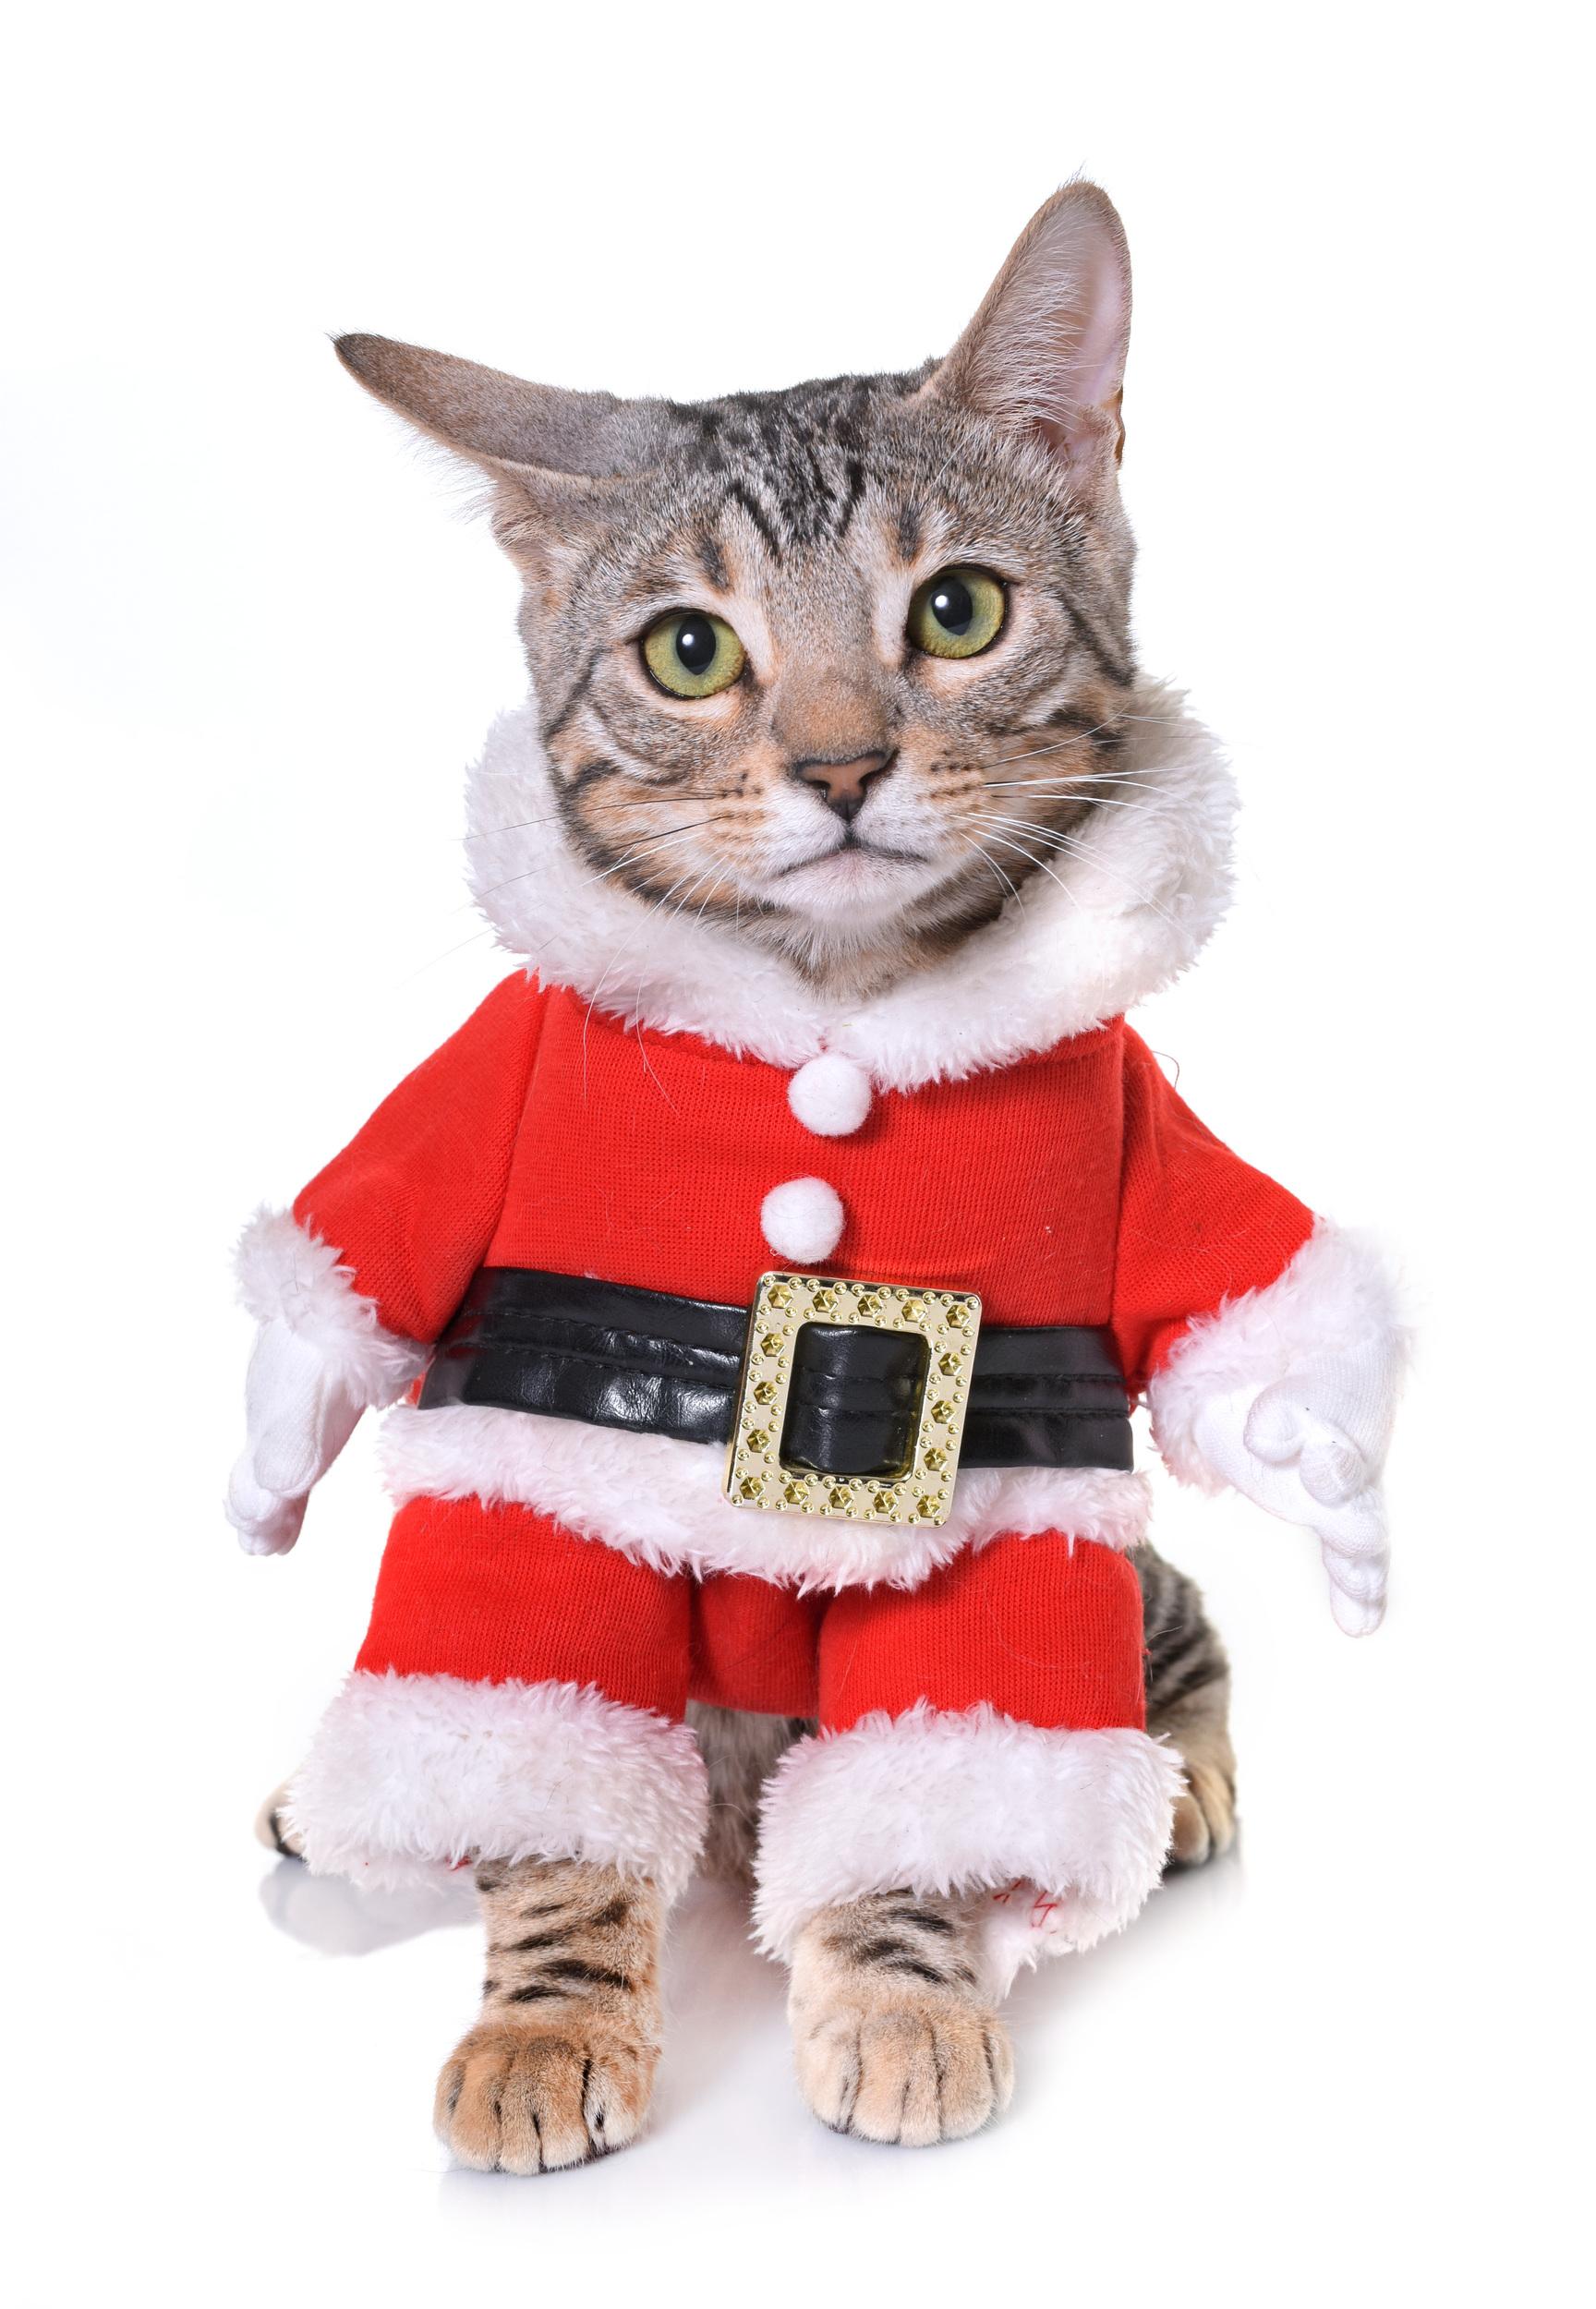 Cat in a Santa Suit